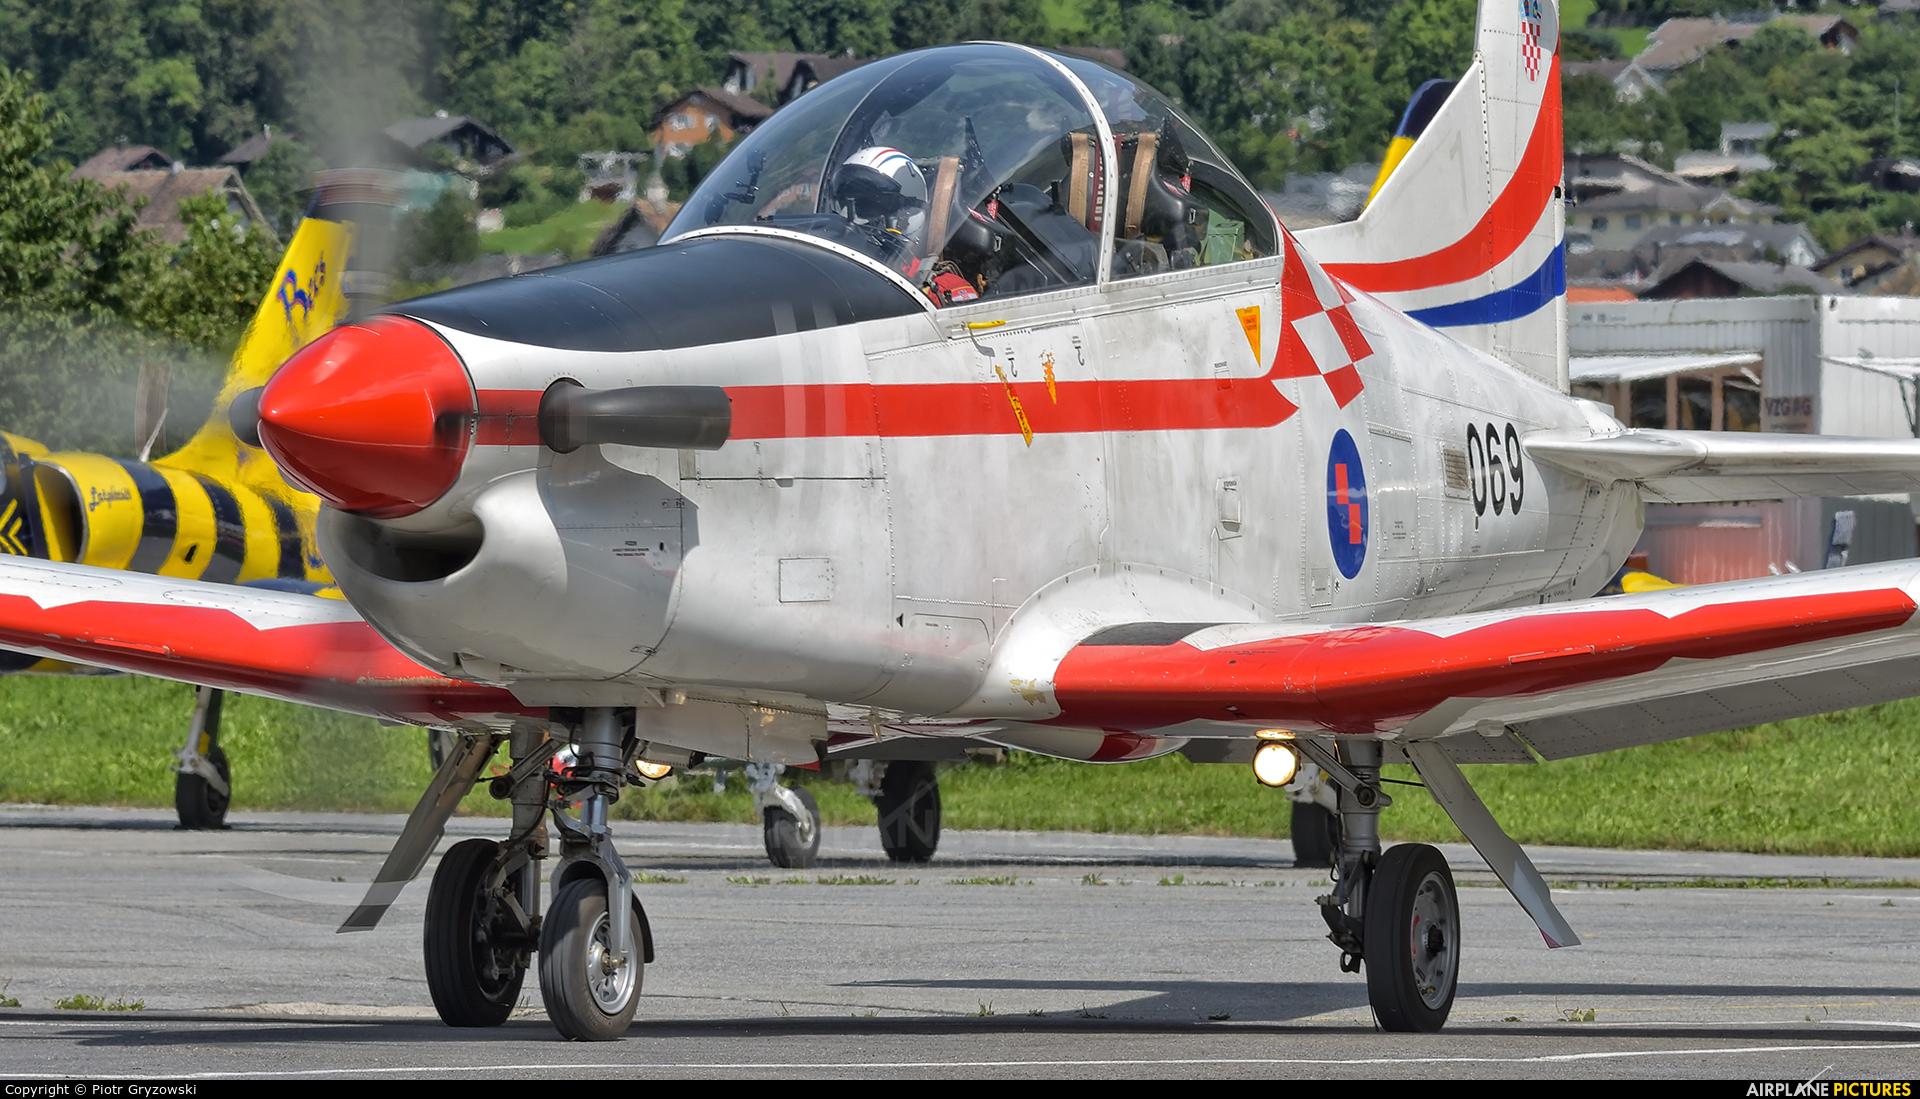 Croatia - Air Force 069 aircraft at Mollis